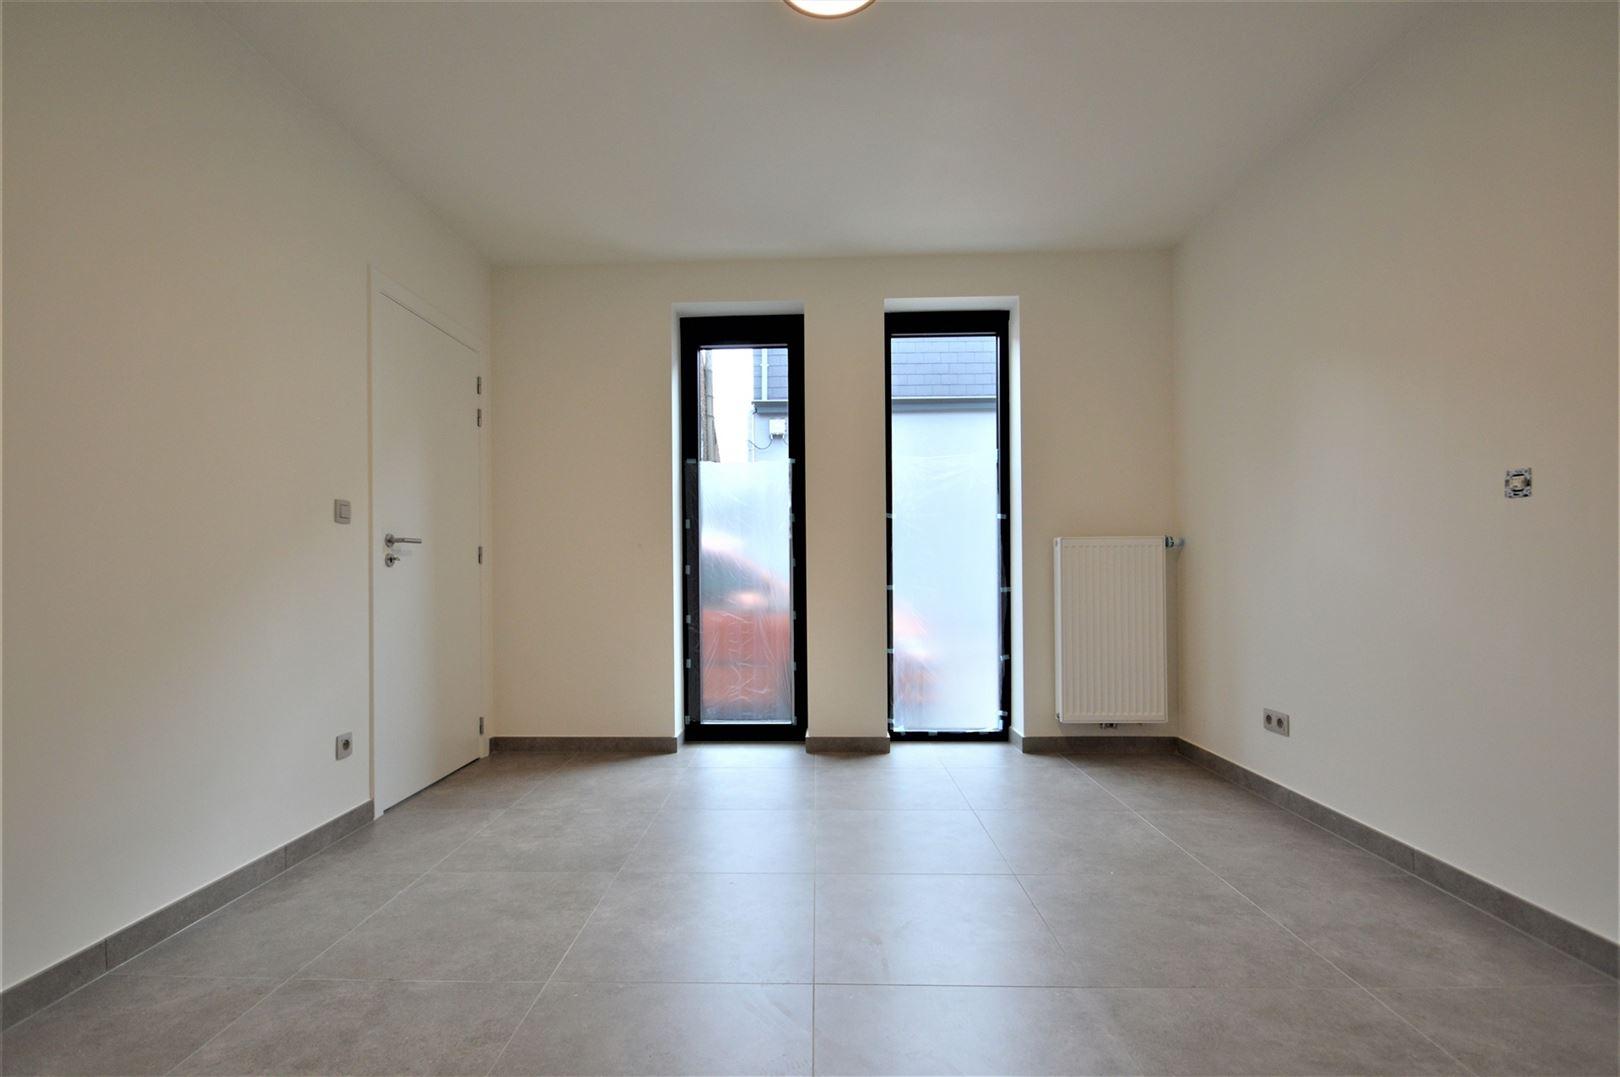 Foto 6 : Appartement te 9200 APPELS (België) - Prijs € 700